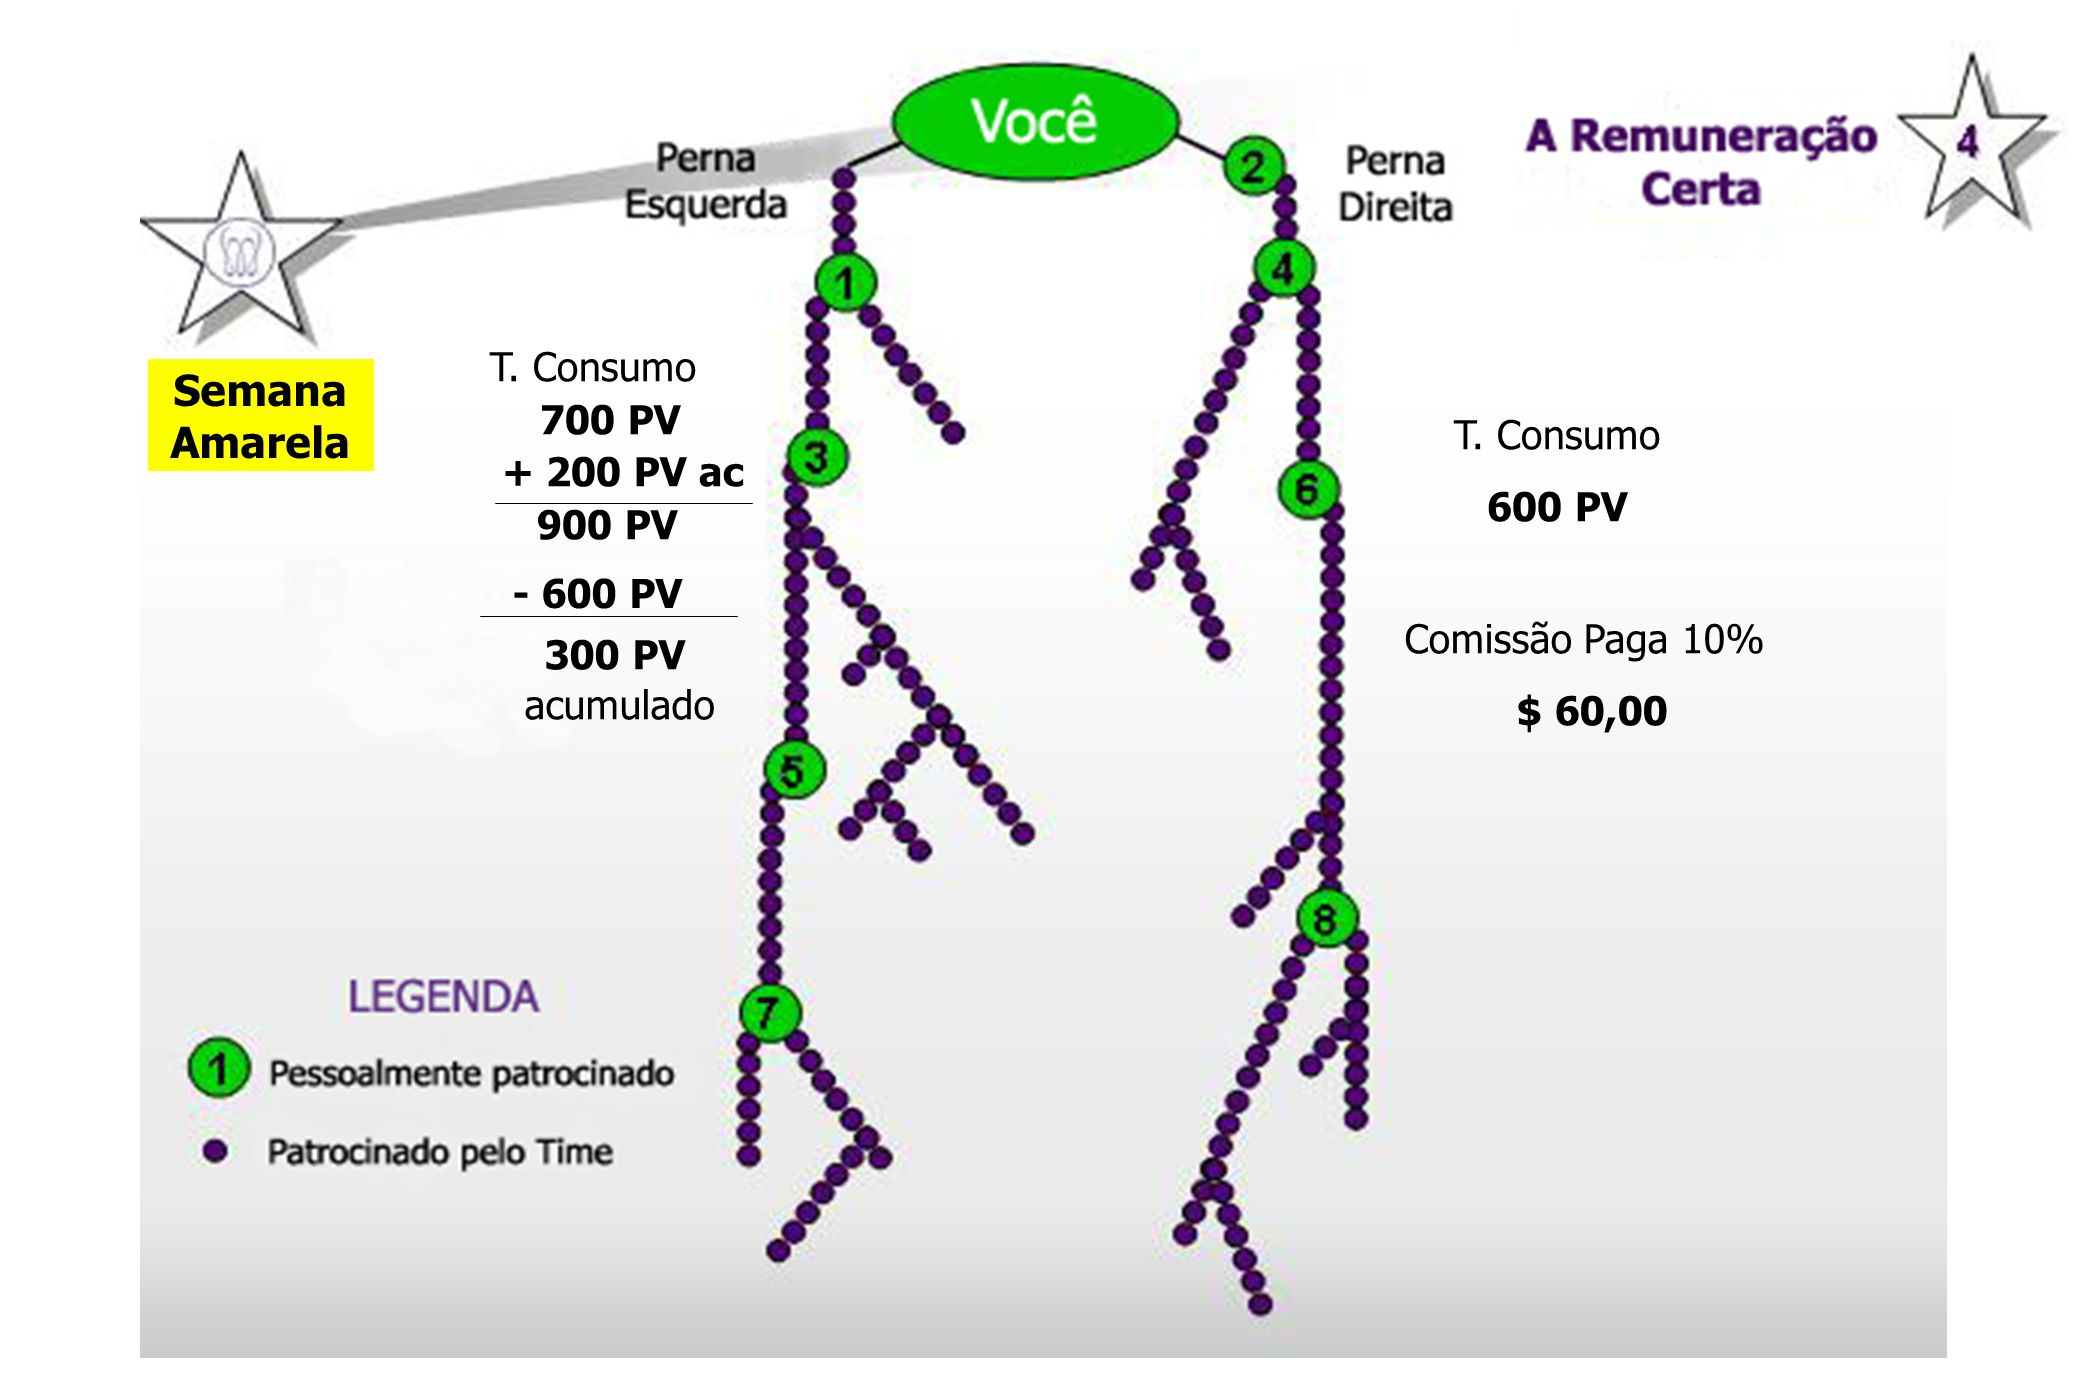 Semana Amarela T. Consumo 700 PV + 200 PV ac 900 PV T. Consumo 600 PV Comissão Paga 10% $ 60,00 - 600 PV 300 PV acumulado